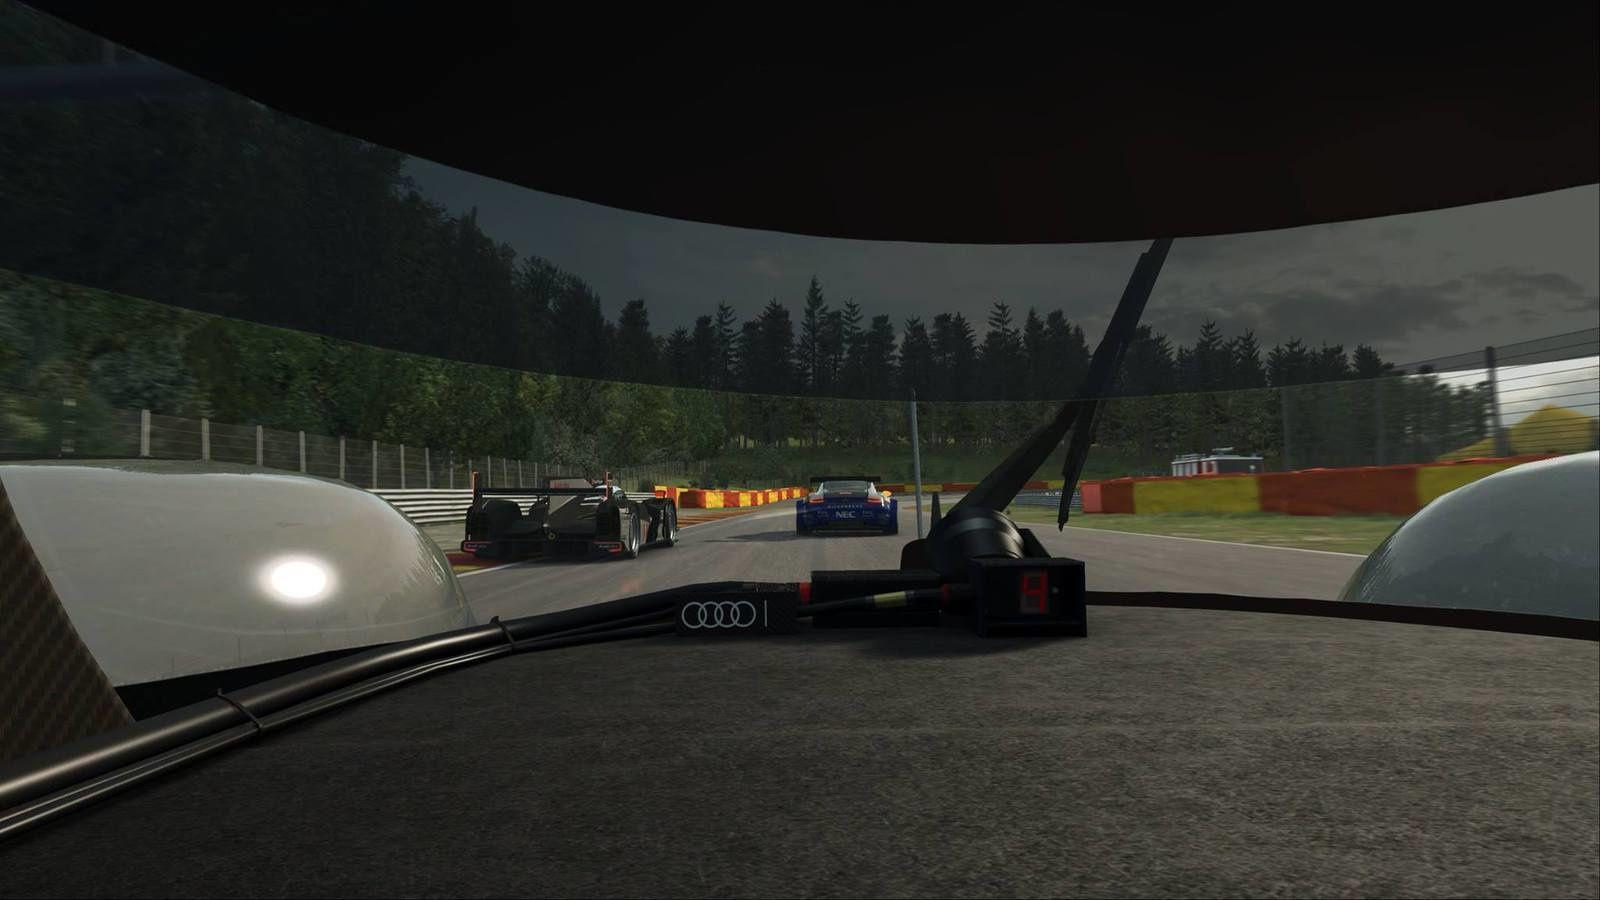 Raceroom - Images de l'Audi R18.